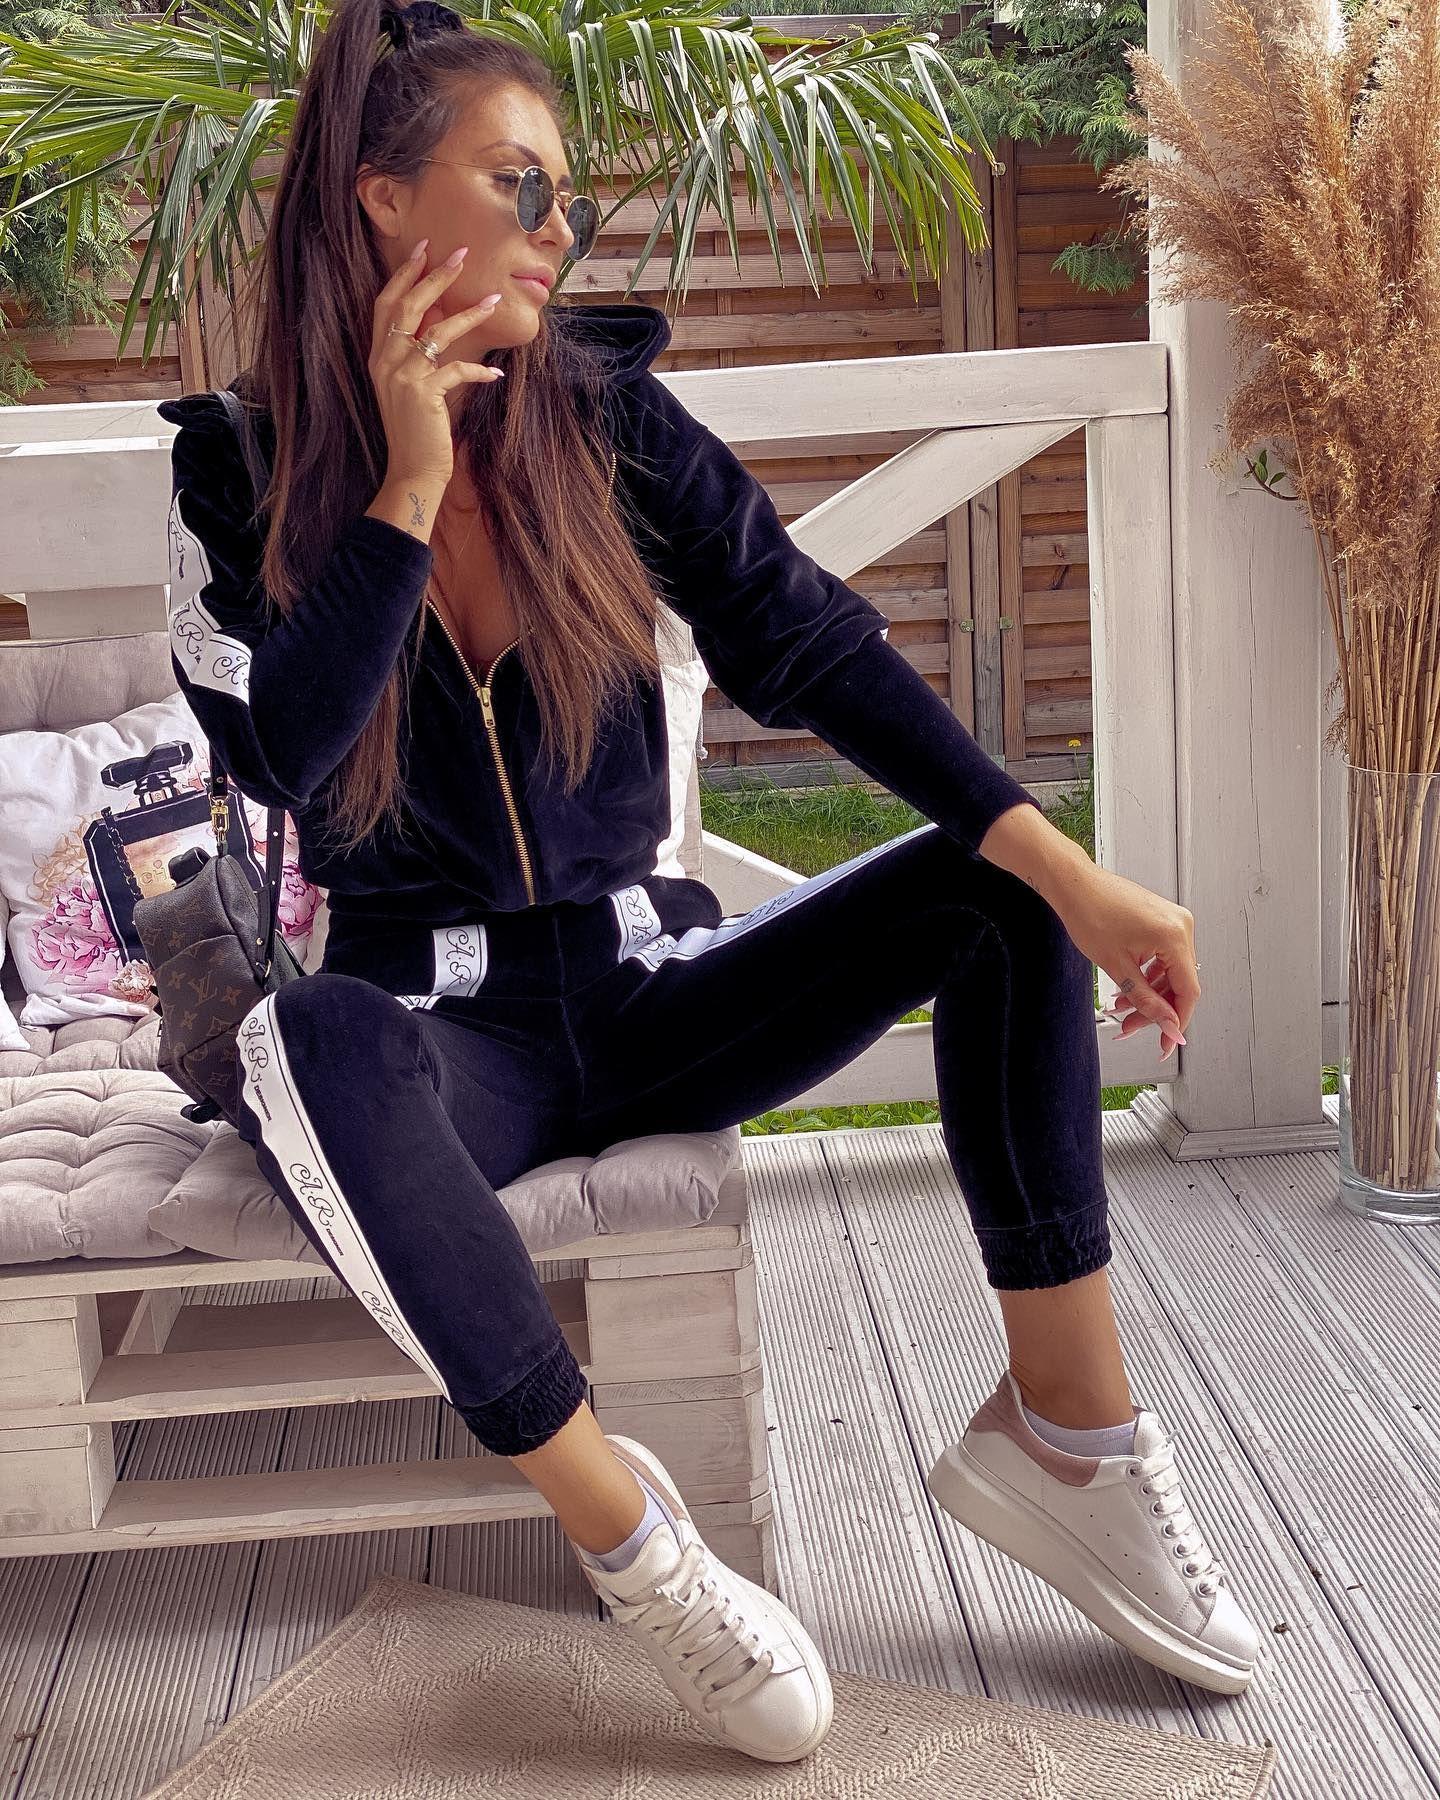 Premiera Nowej Kolekcji Czwartek 7 05 2020 Godz 18 00 Www Hollywooddream Pl Dresy Welurowe Nas Zachwycily Skinny Jeans Skinny Fashion